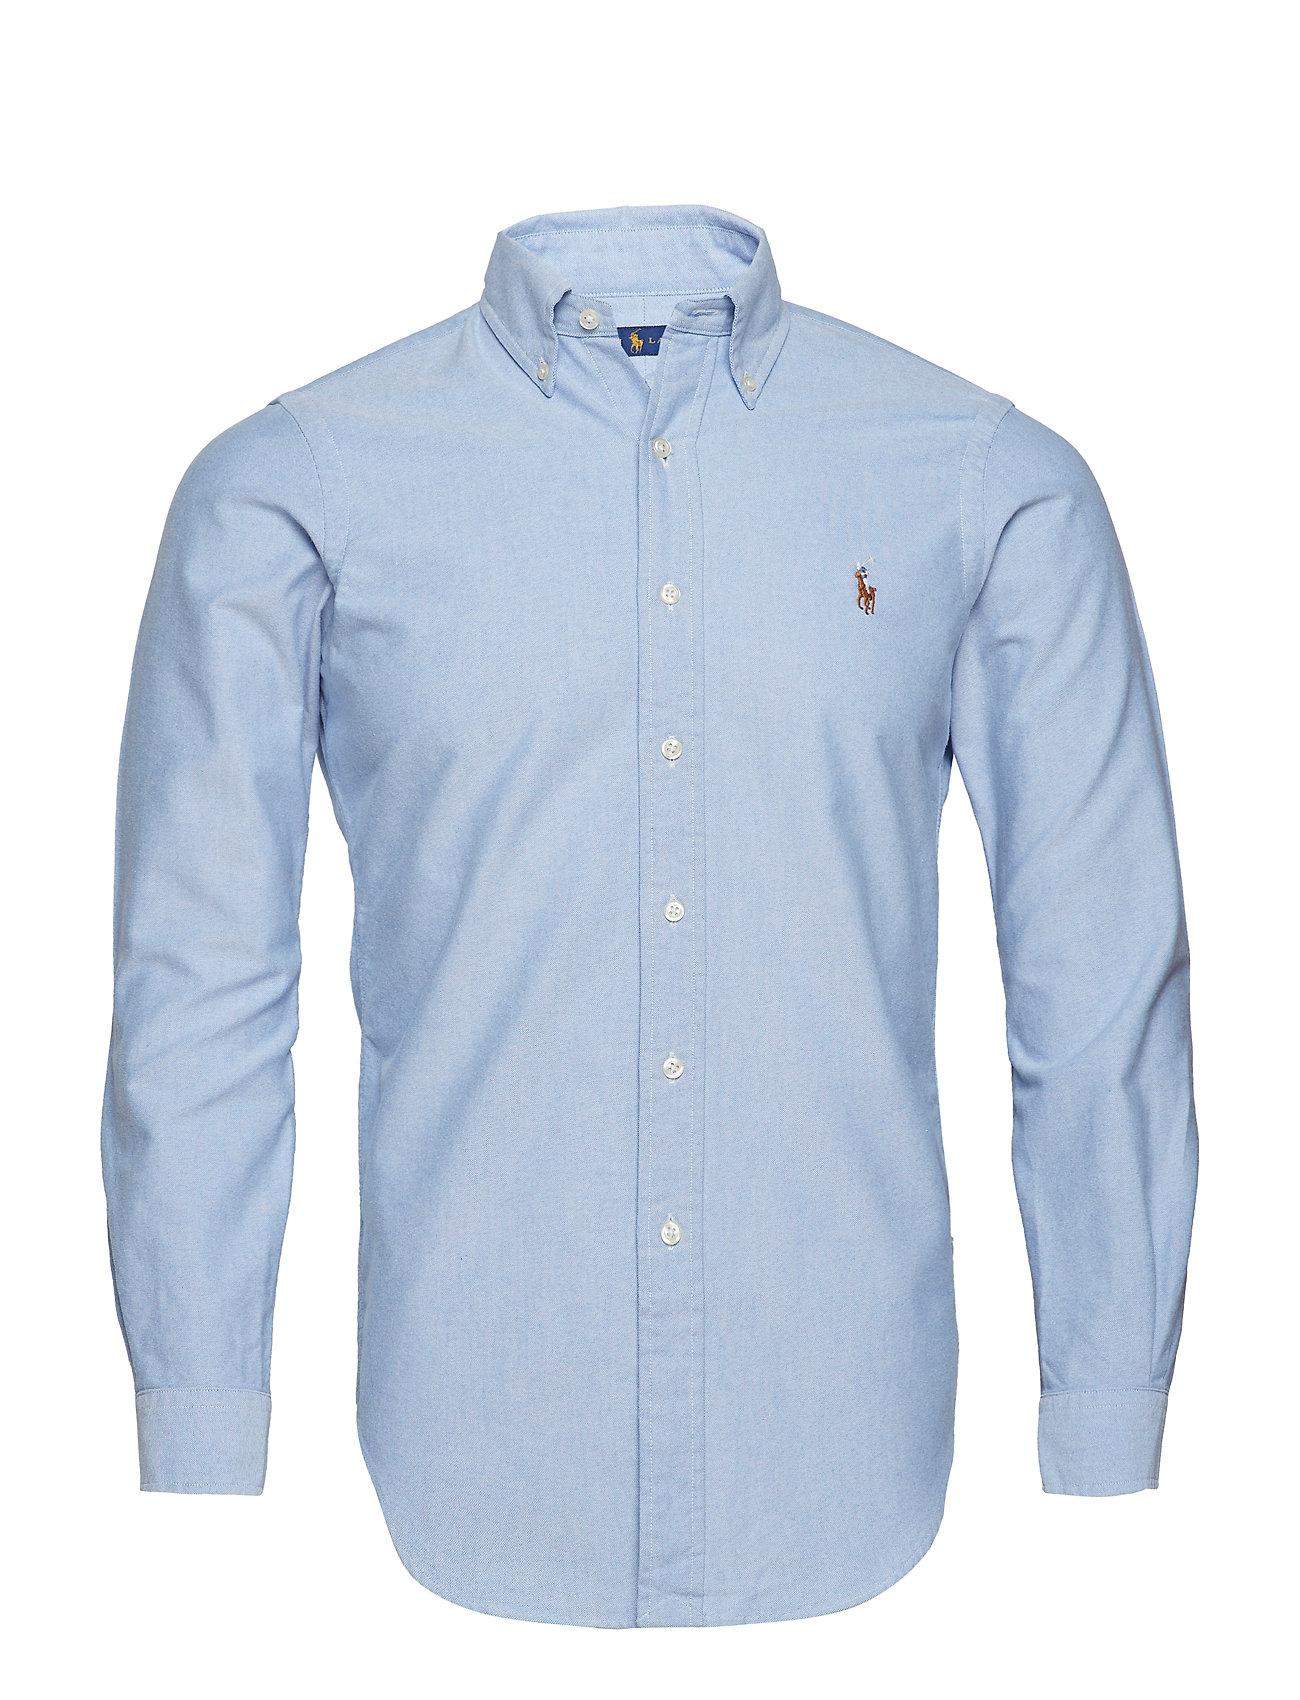 6af9875a9c1e Custom Fit Cotton Oxford Shirt (Blue) (£85) - Polo Ralph Lauren ...